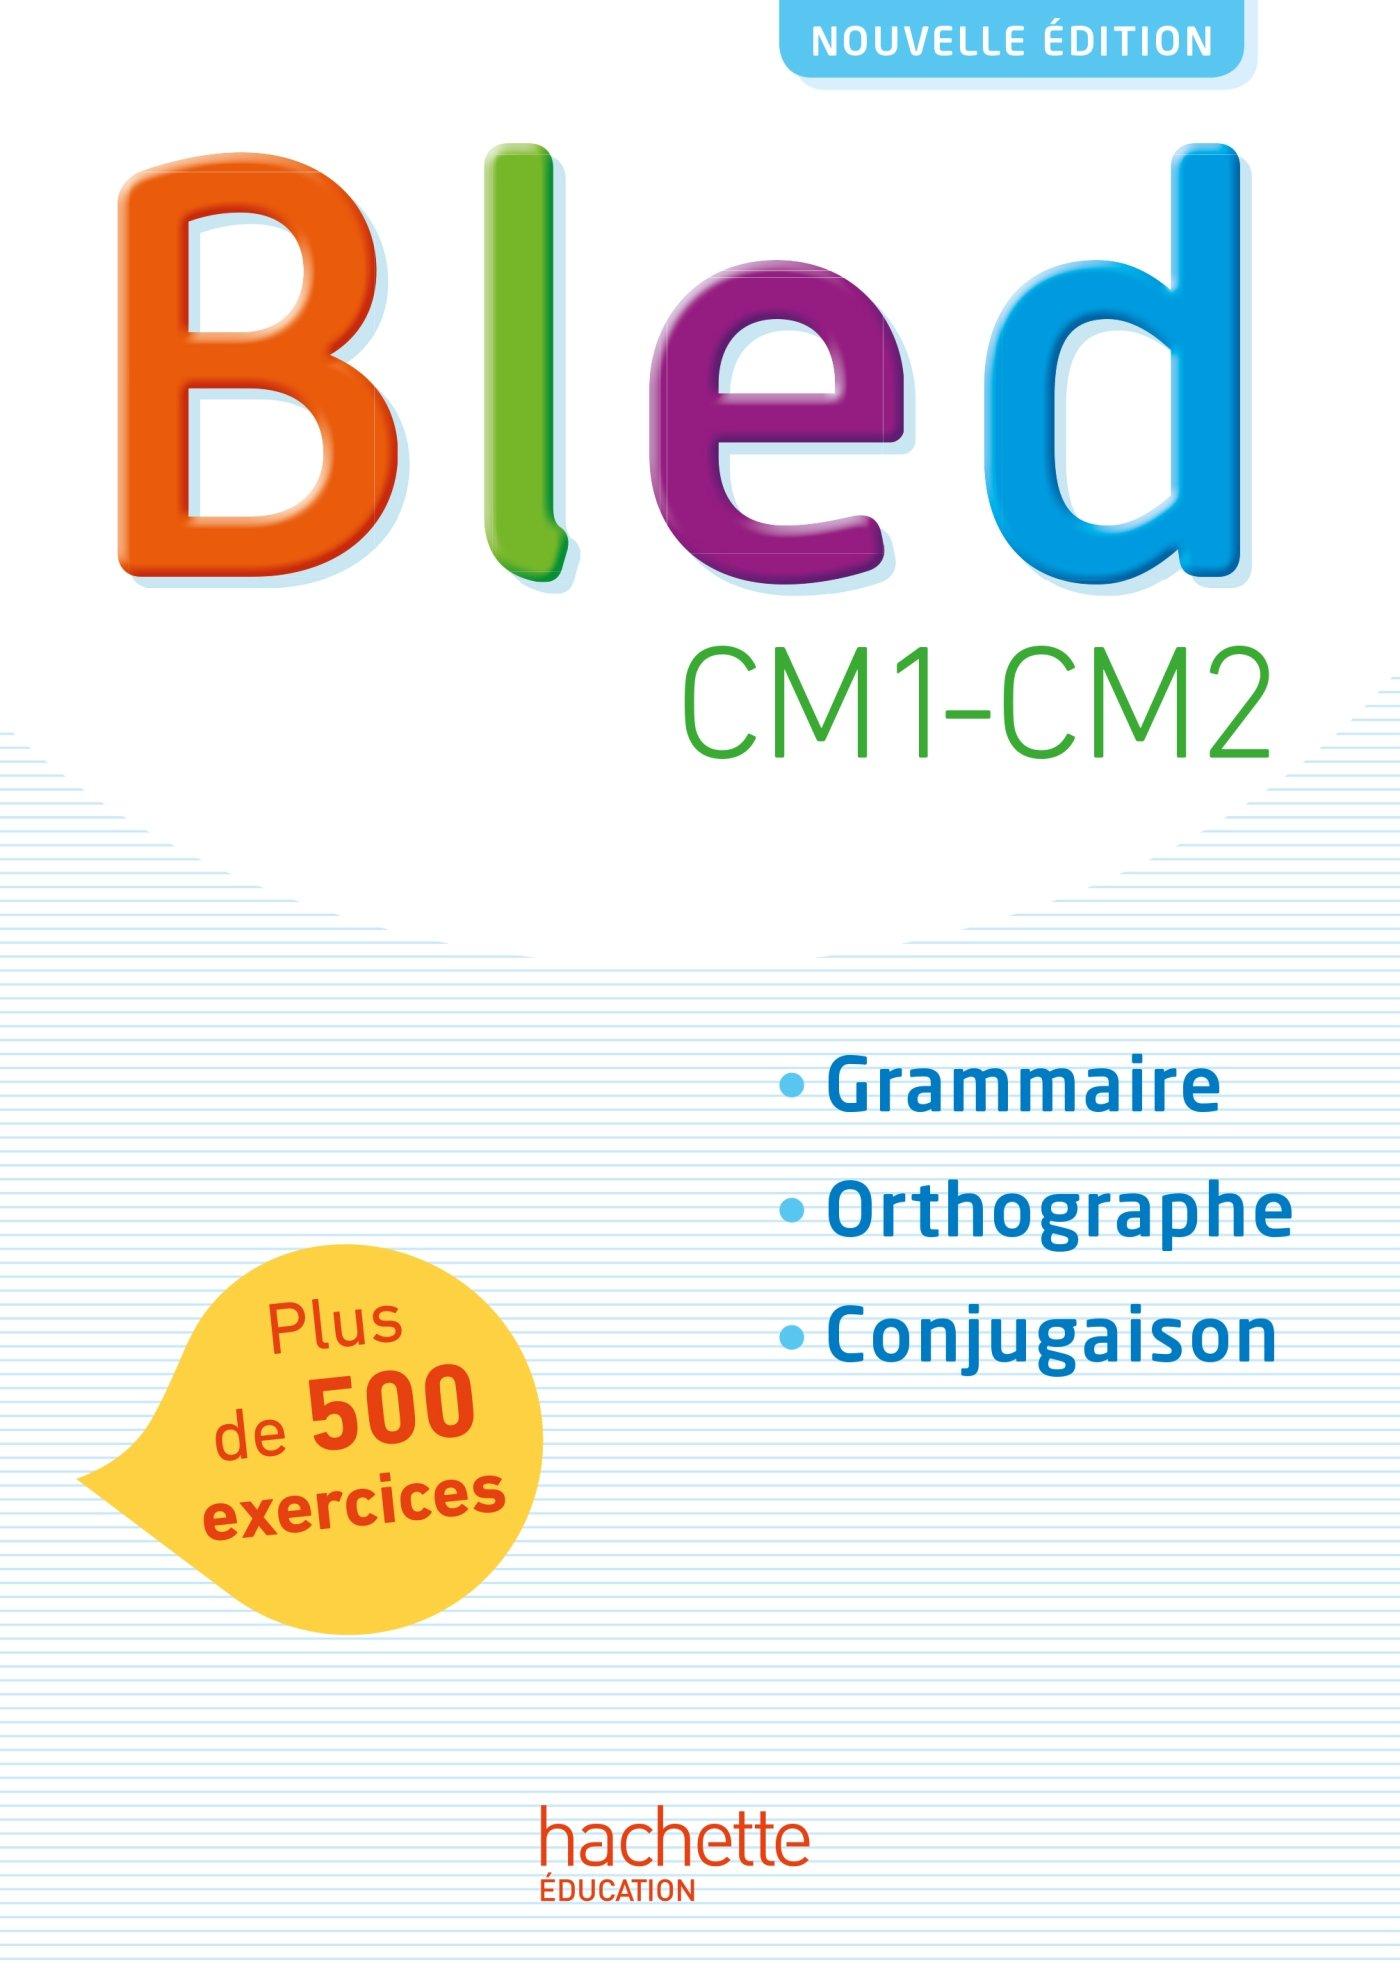 Bled Cm1 Cm2 Grammaire Orthographe Conjugaison Bled 14 Amazon Co Uk Berlion Daniel 9782017009245 Books